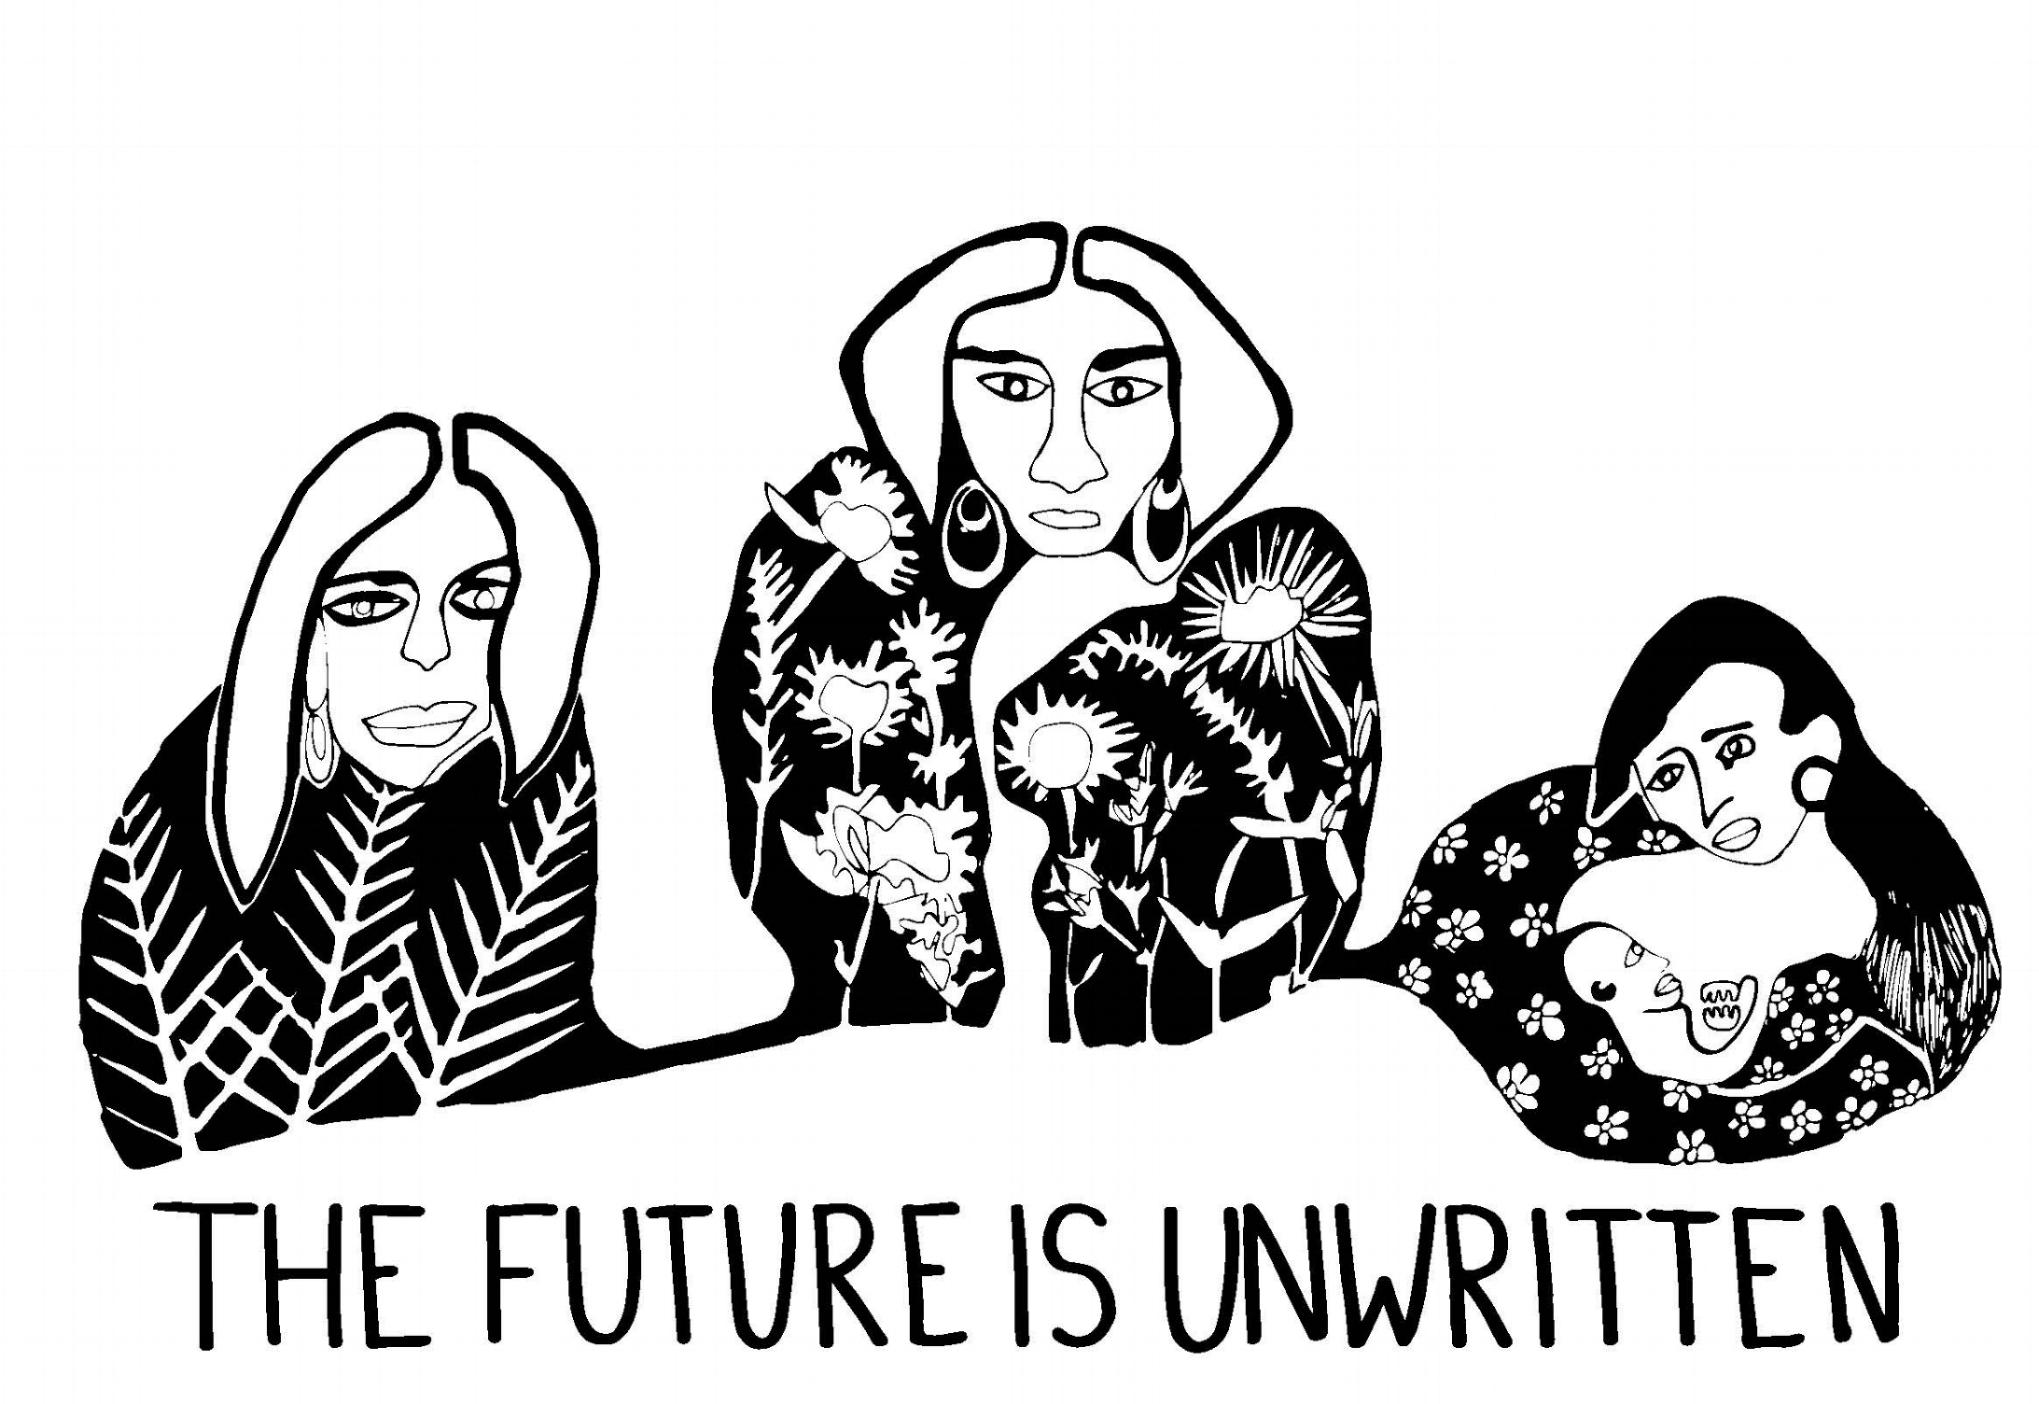 Artist: Kyla Krug-Meadows (@wordbaskets)